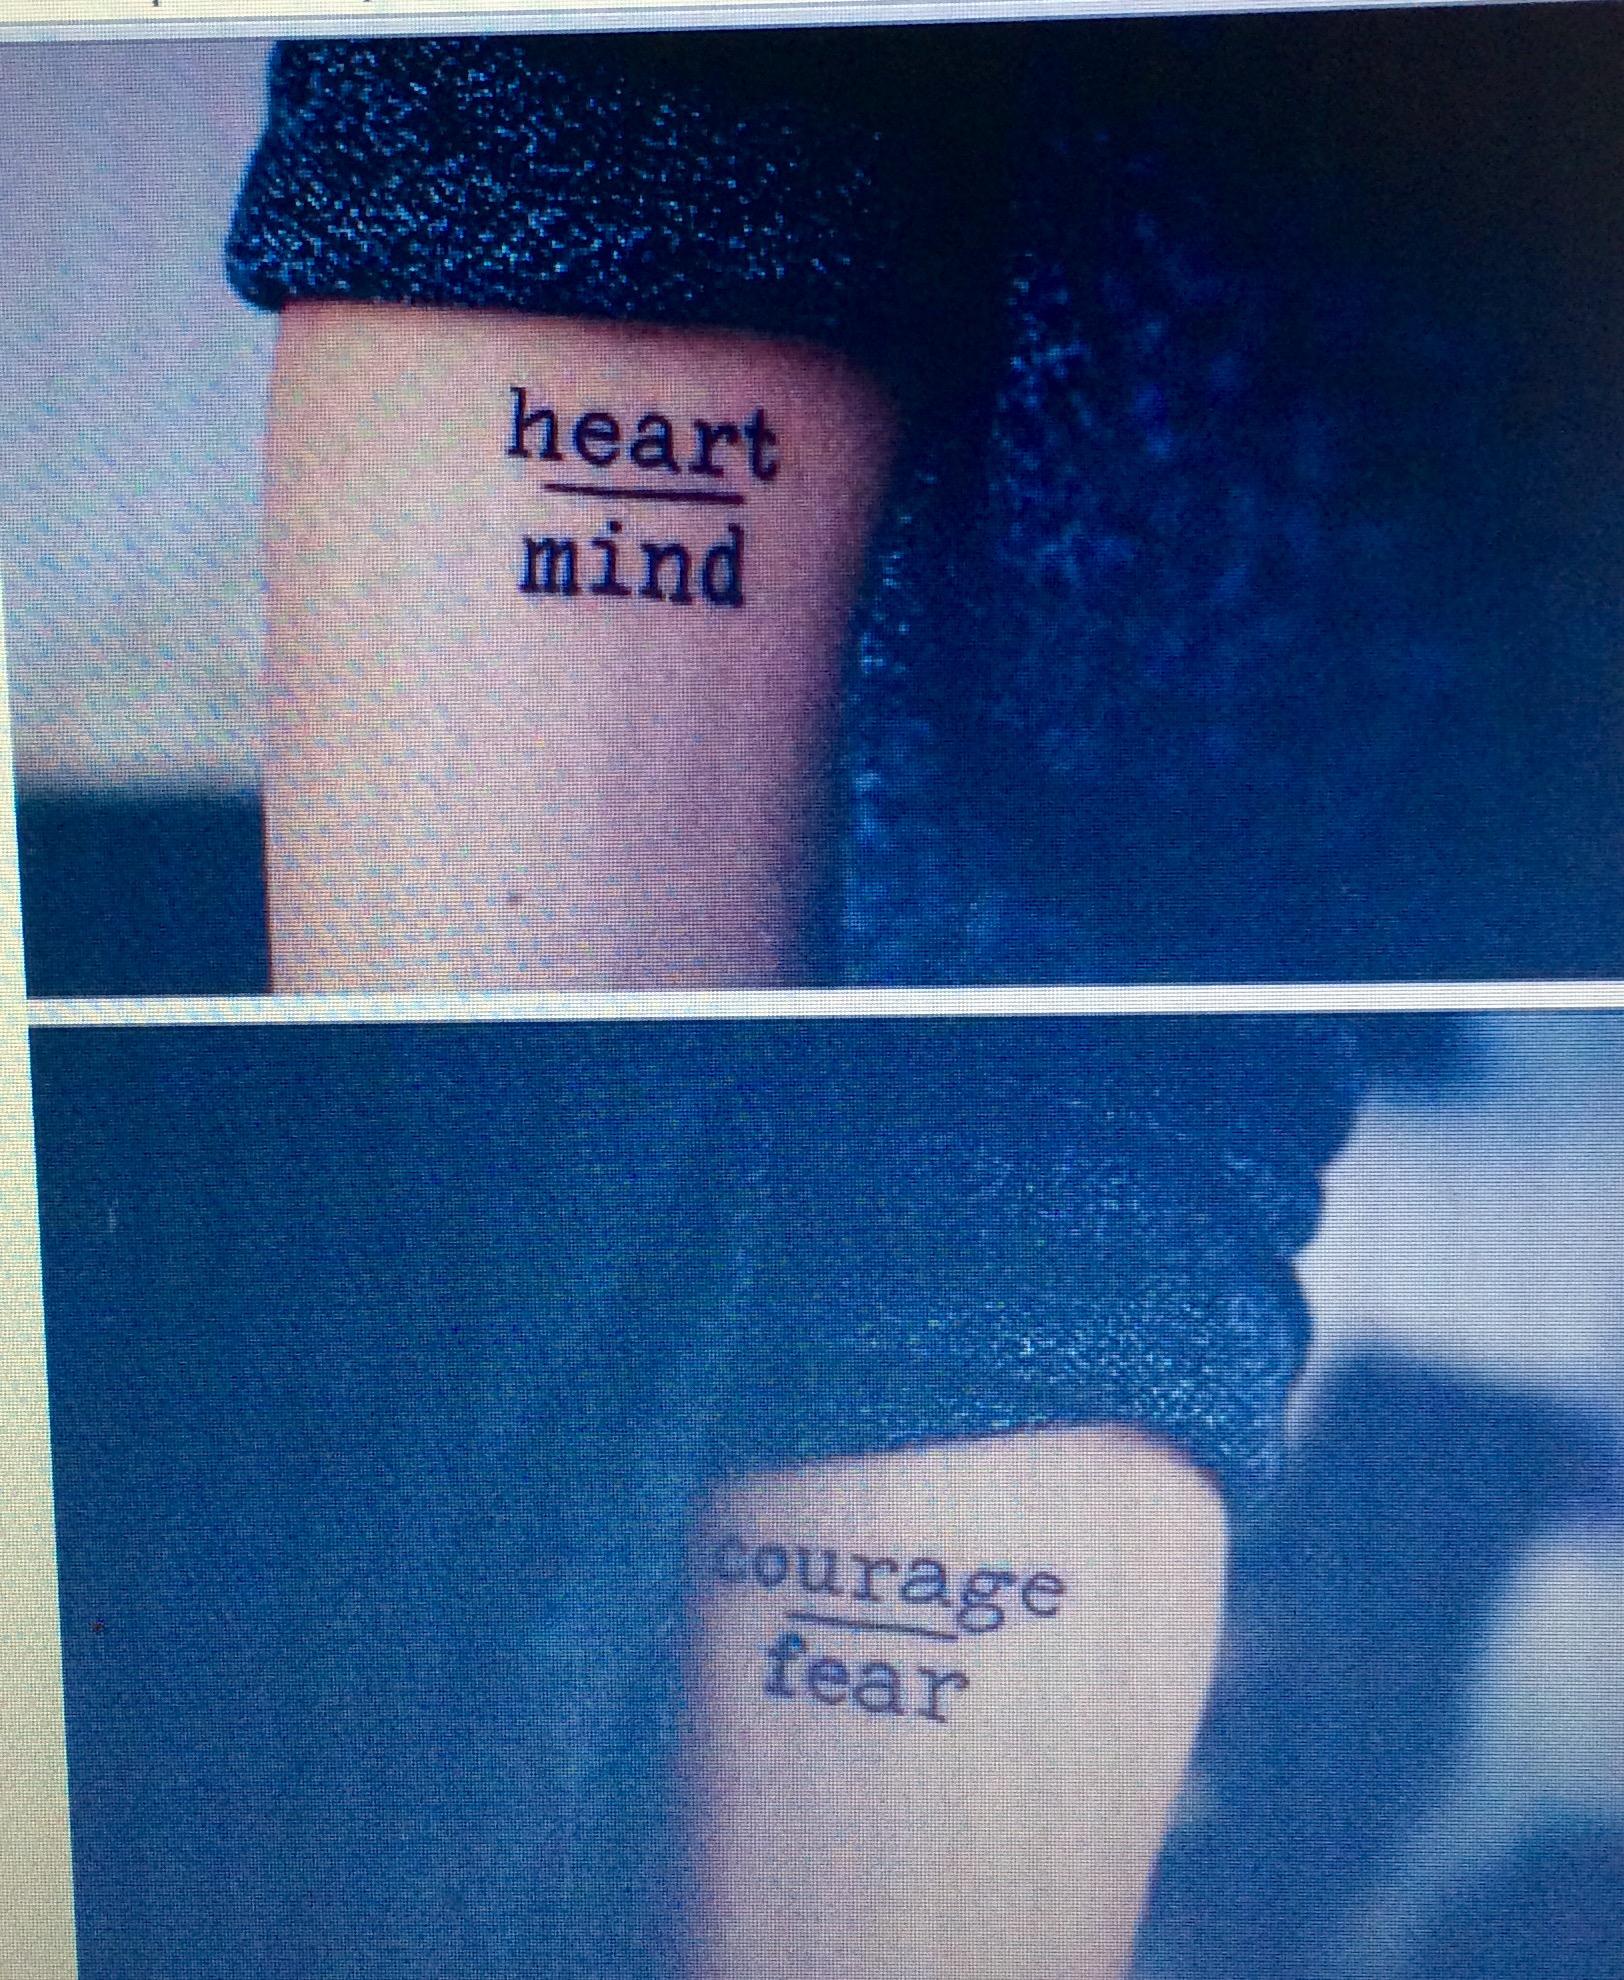 Two Words Tattoo : words, tattoo, Looking, Words, Tattoo.com